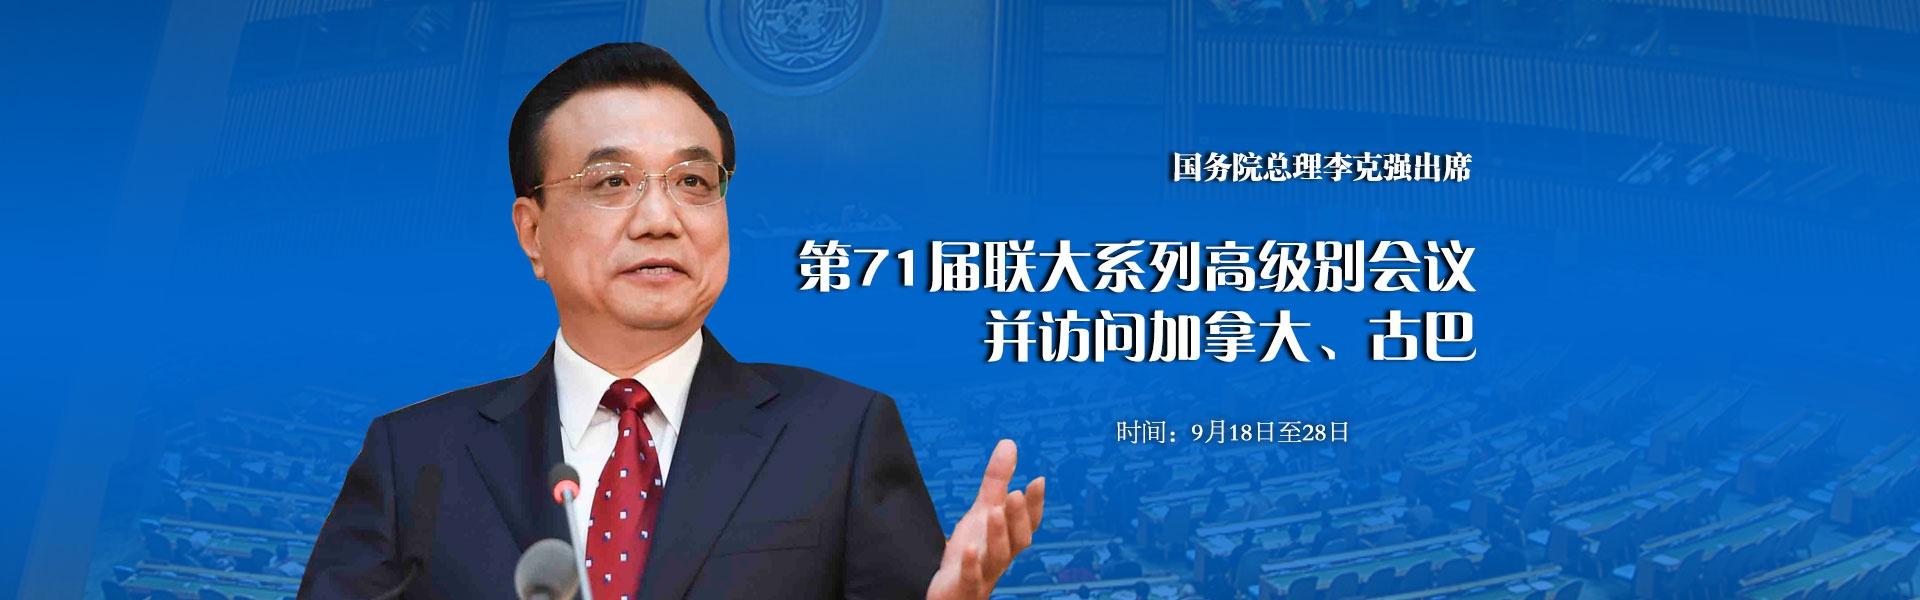 李克强出席第71届联合国大会系列高级别会议